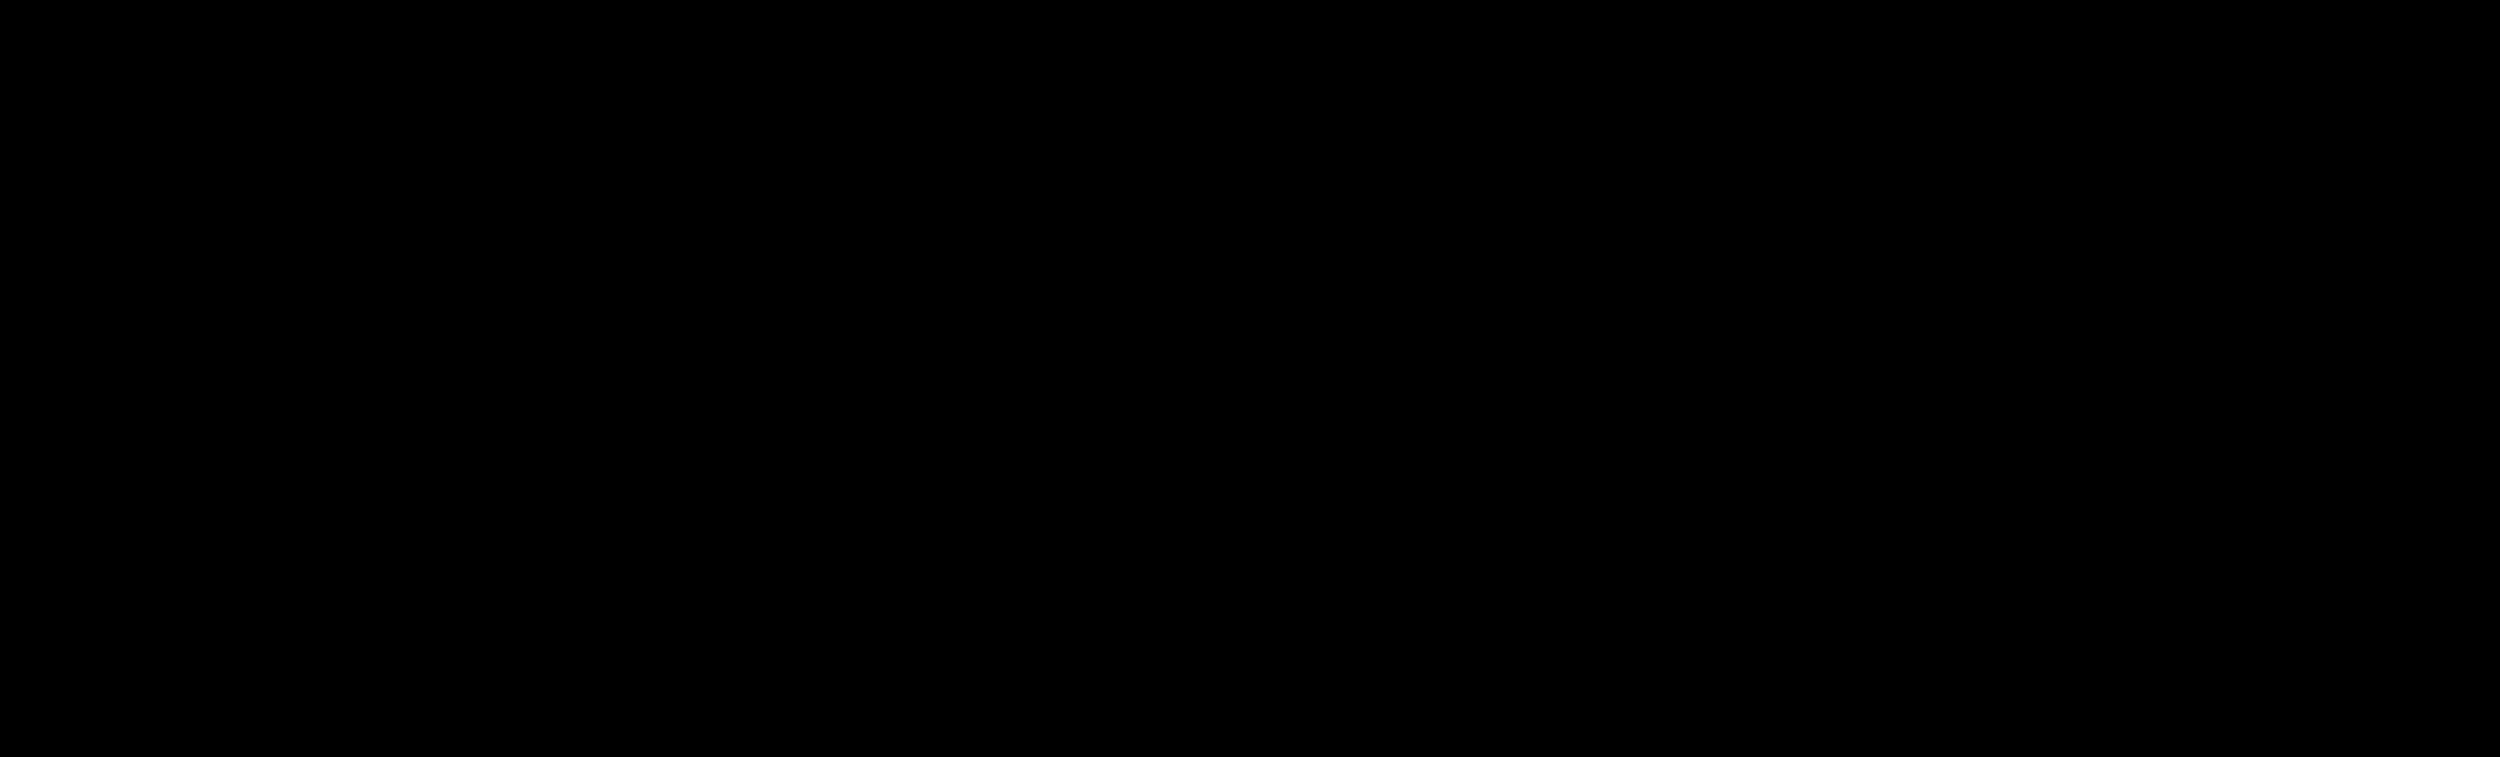 Download Horizontal Black Logo